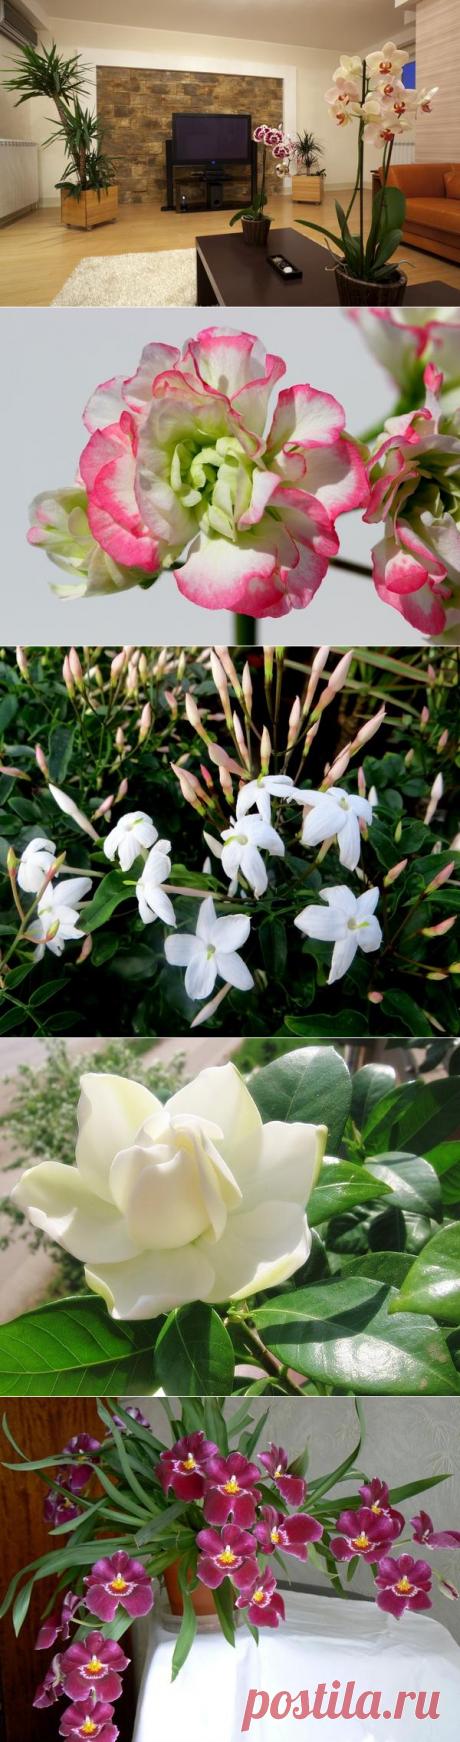 10 самых популярных растений для гостиной